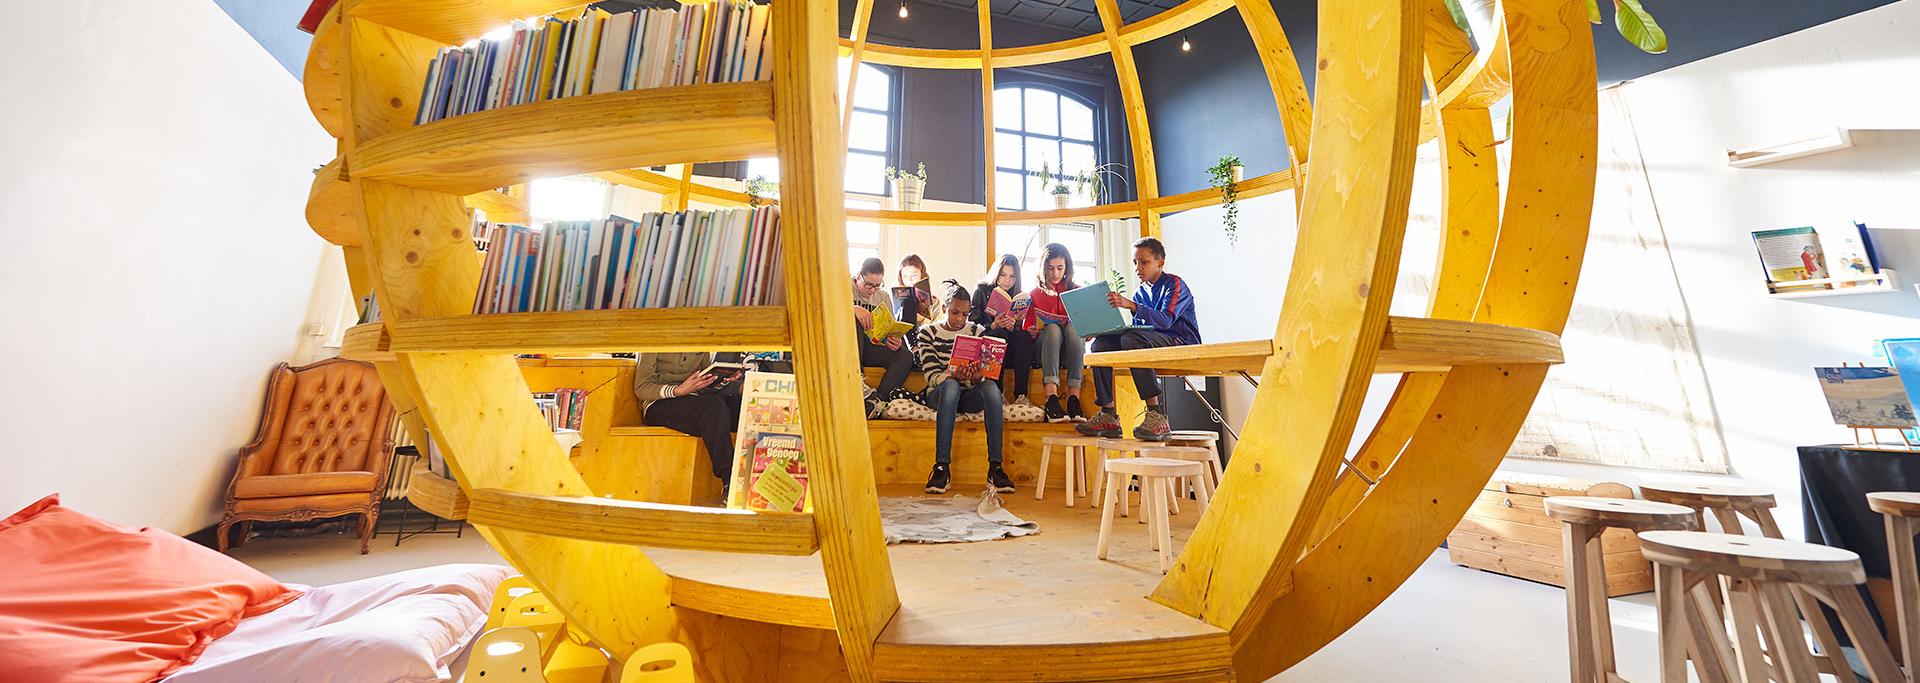 Leerkracht 0,8-1,0 wtf basisschool De Zuidwester/Taalschool